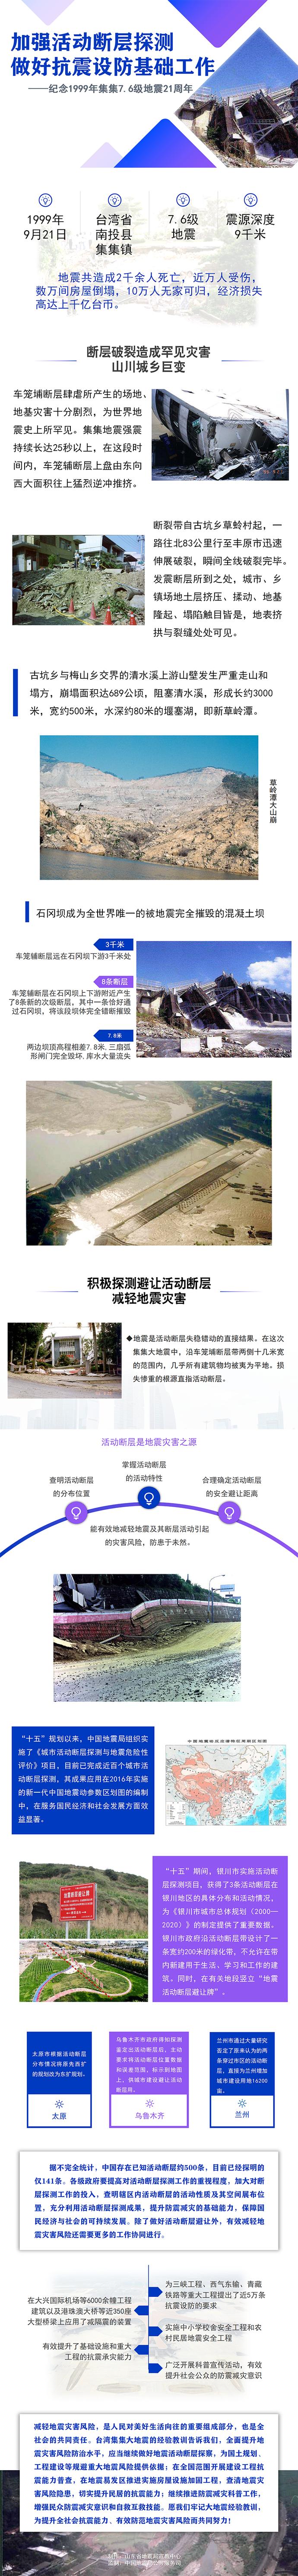 长图 | 加强活动断层探测 做好抗震设防基础工作——纪念1999年集集7.6级地震21周年